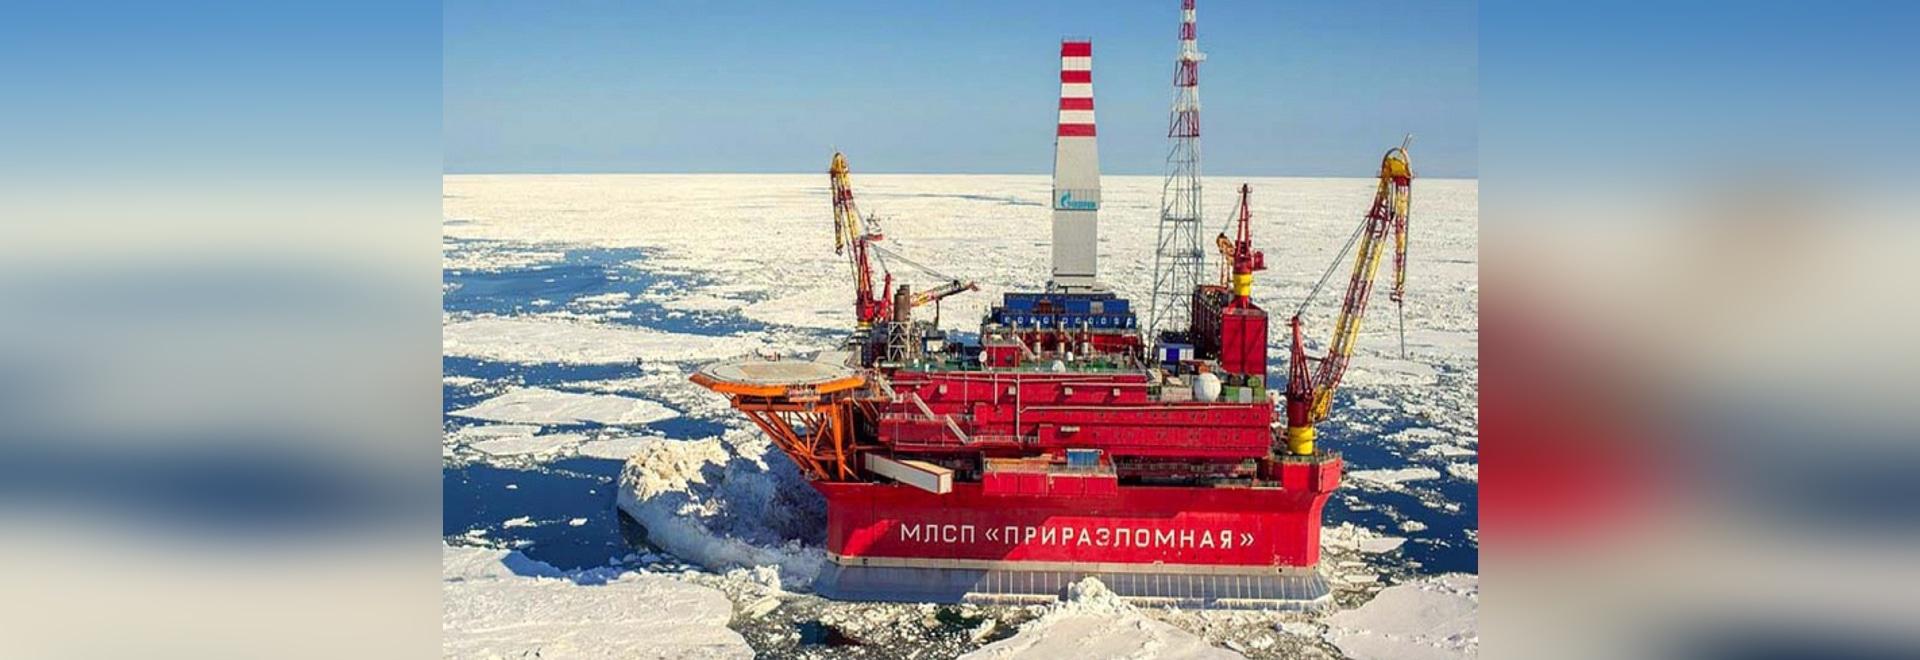 Cortesia di Gazprom